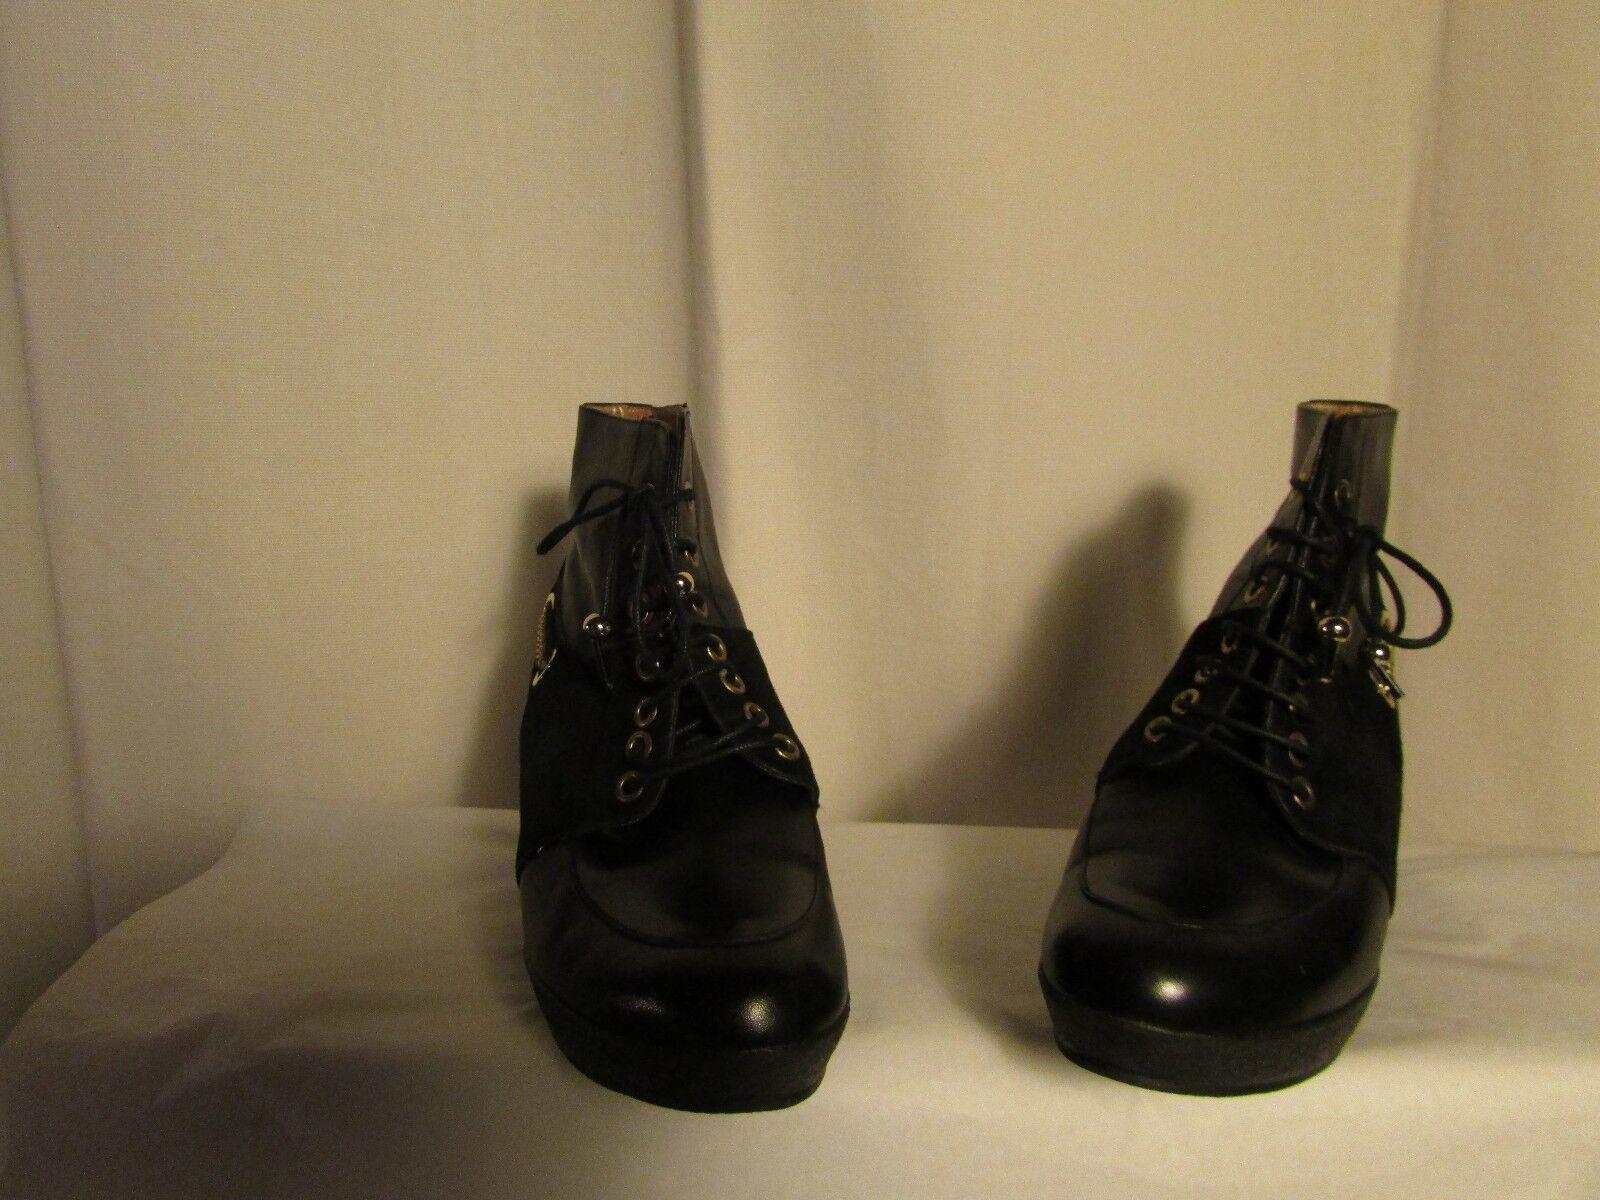 Bottines compensées MALOLES  cuir et daim daim daim noir pointure 37 f1416a